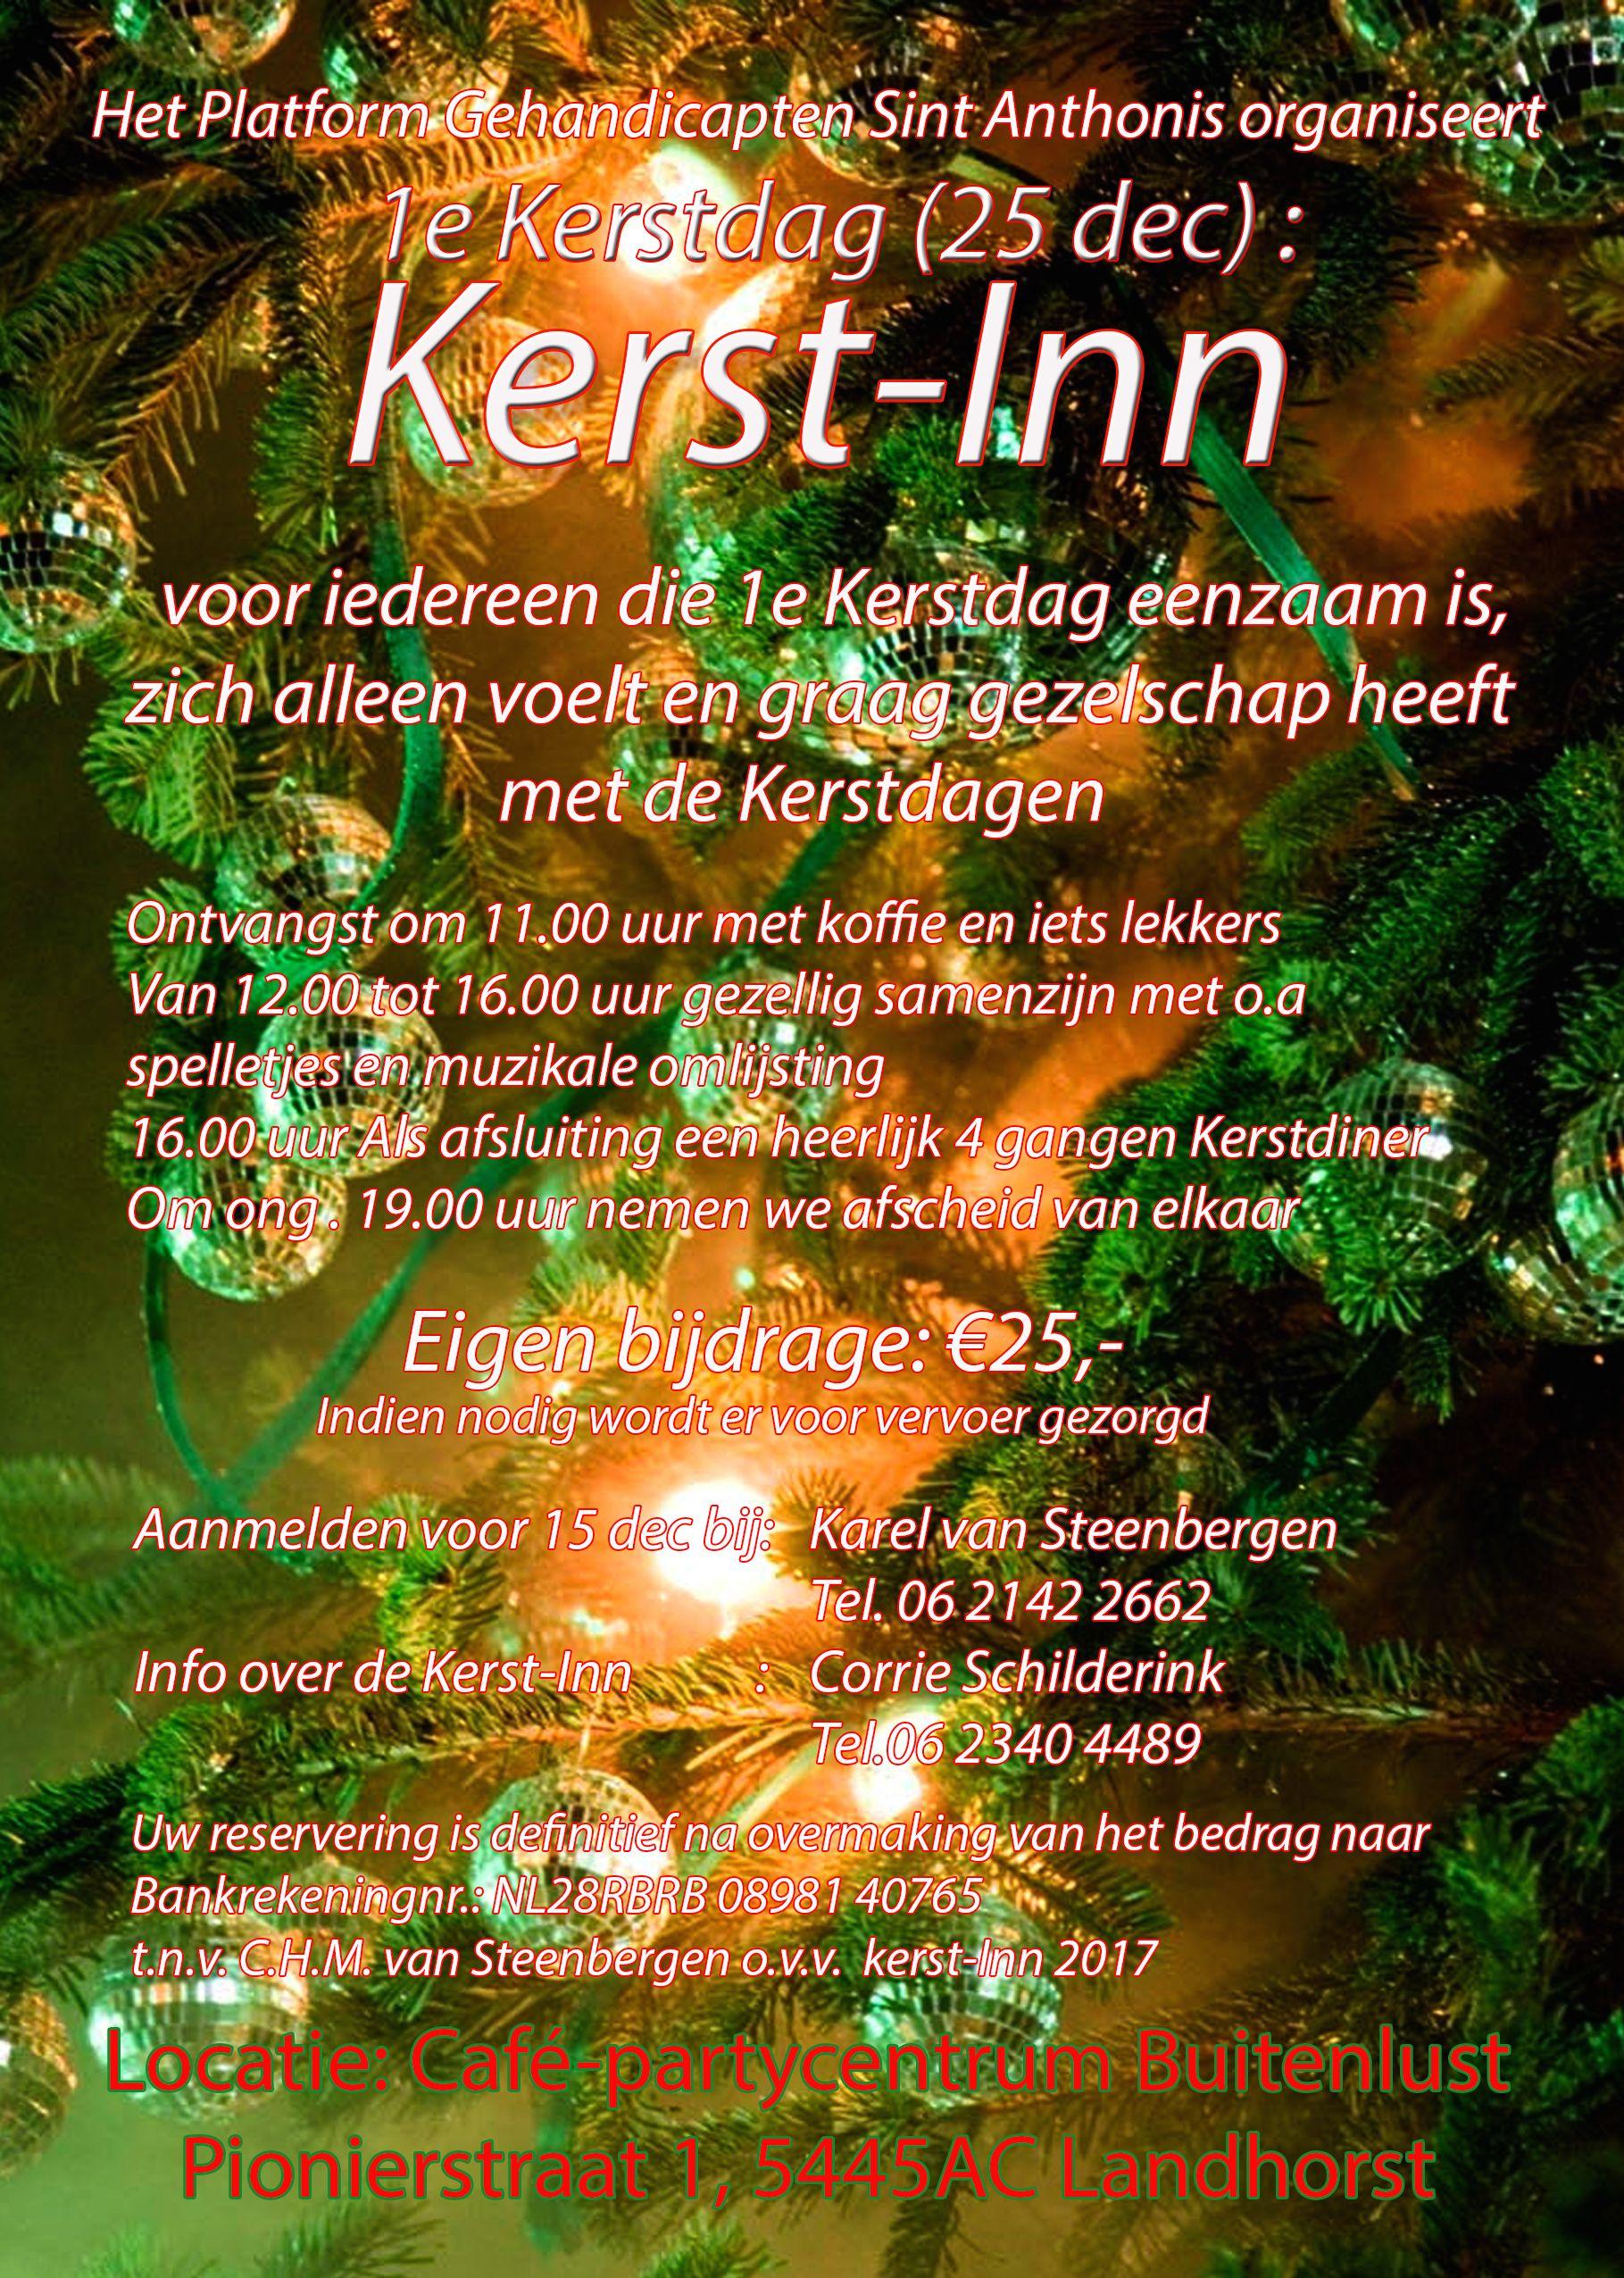 Kerst-Inn 2017